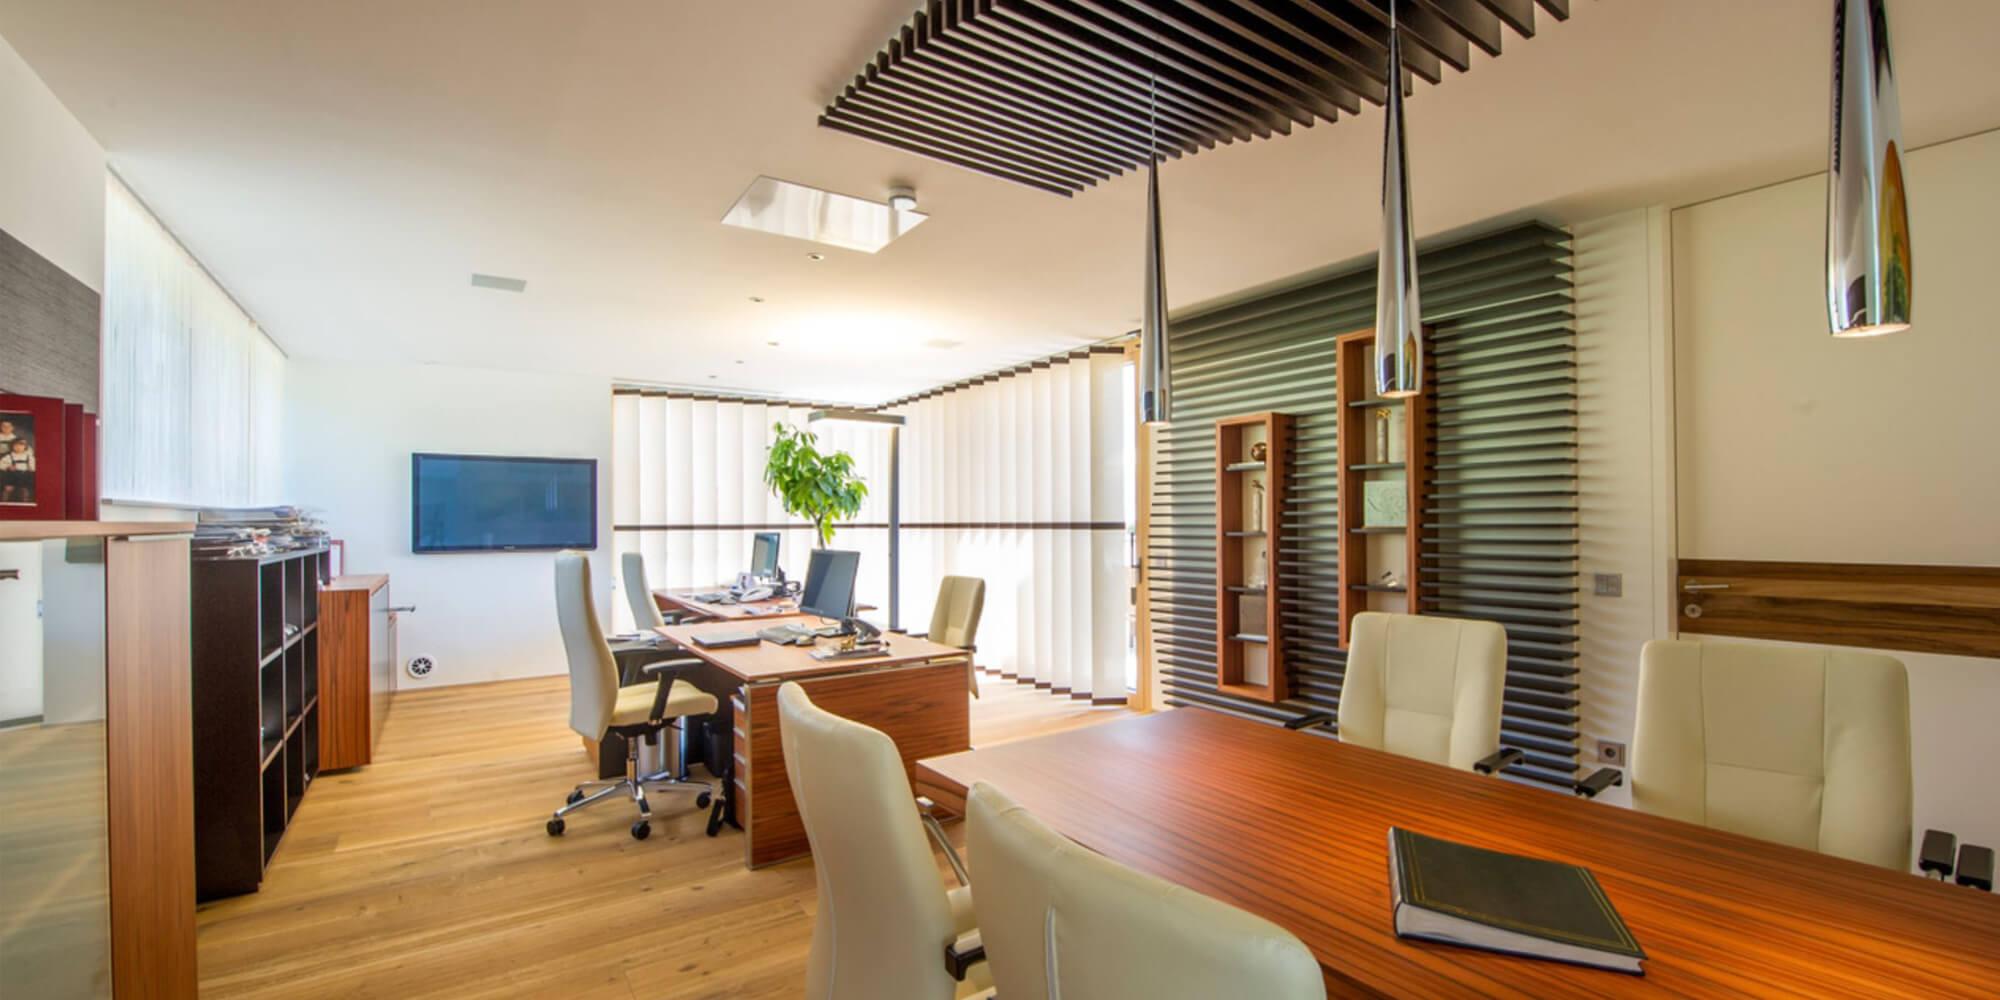 Cre-Plan-Design-Rauch-Frühmann-Architektur-Innenarchitektur-Design-Projekt-Referenz-Innenarchitektur-Möbeldesign-Einrichtung-Büro